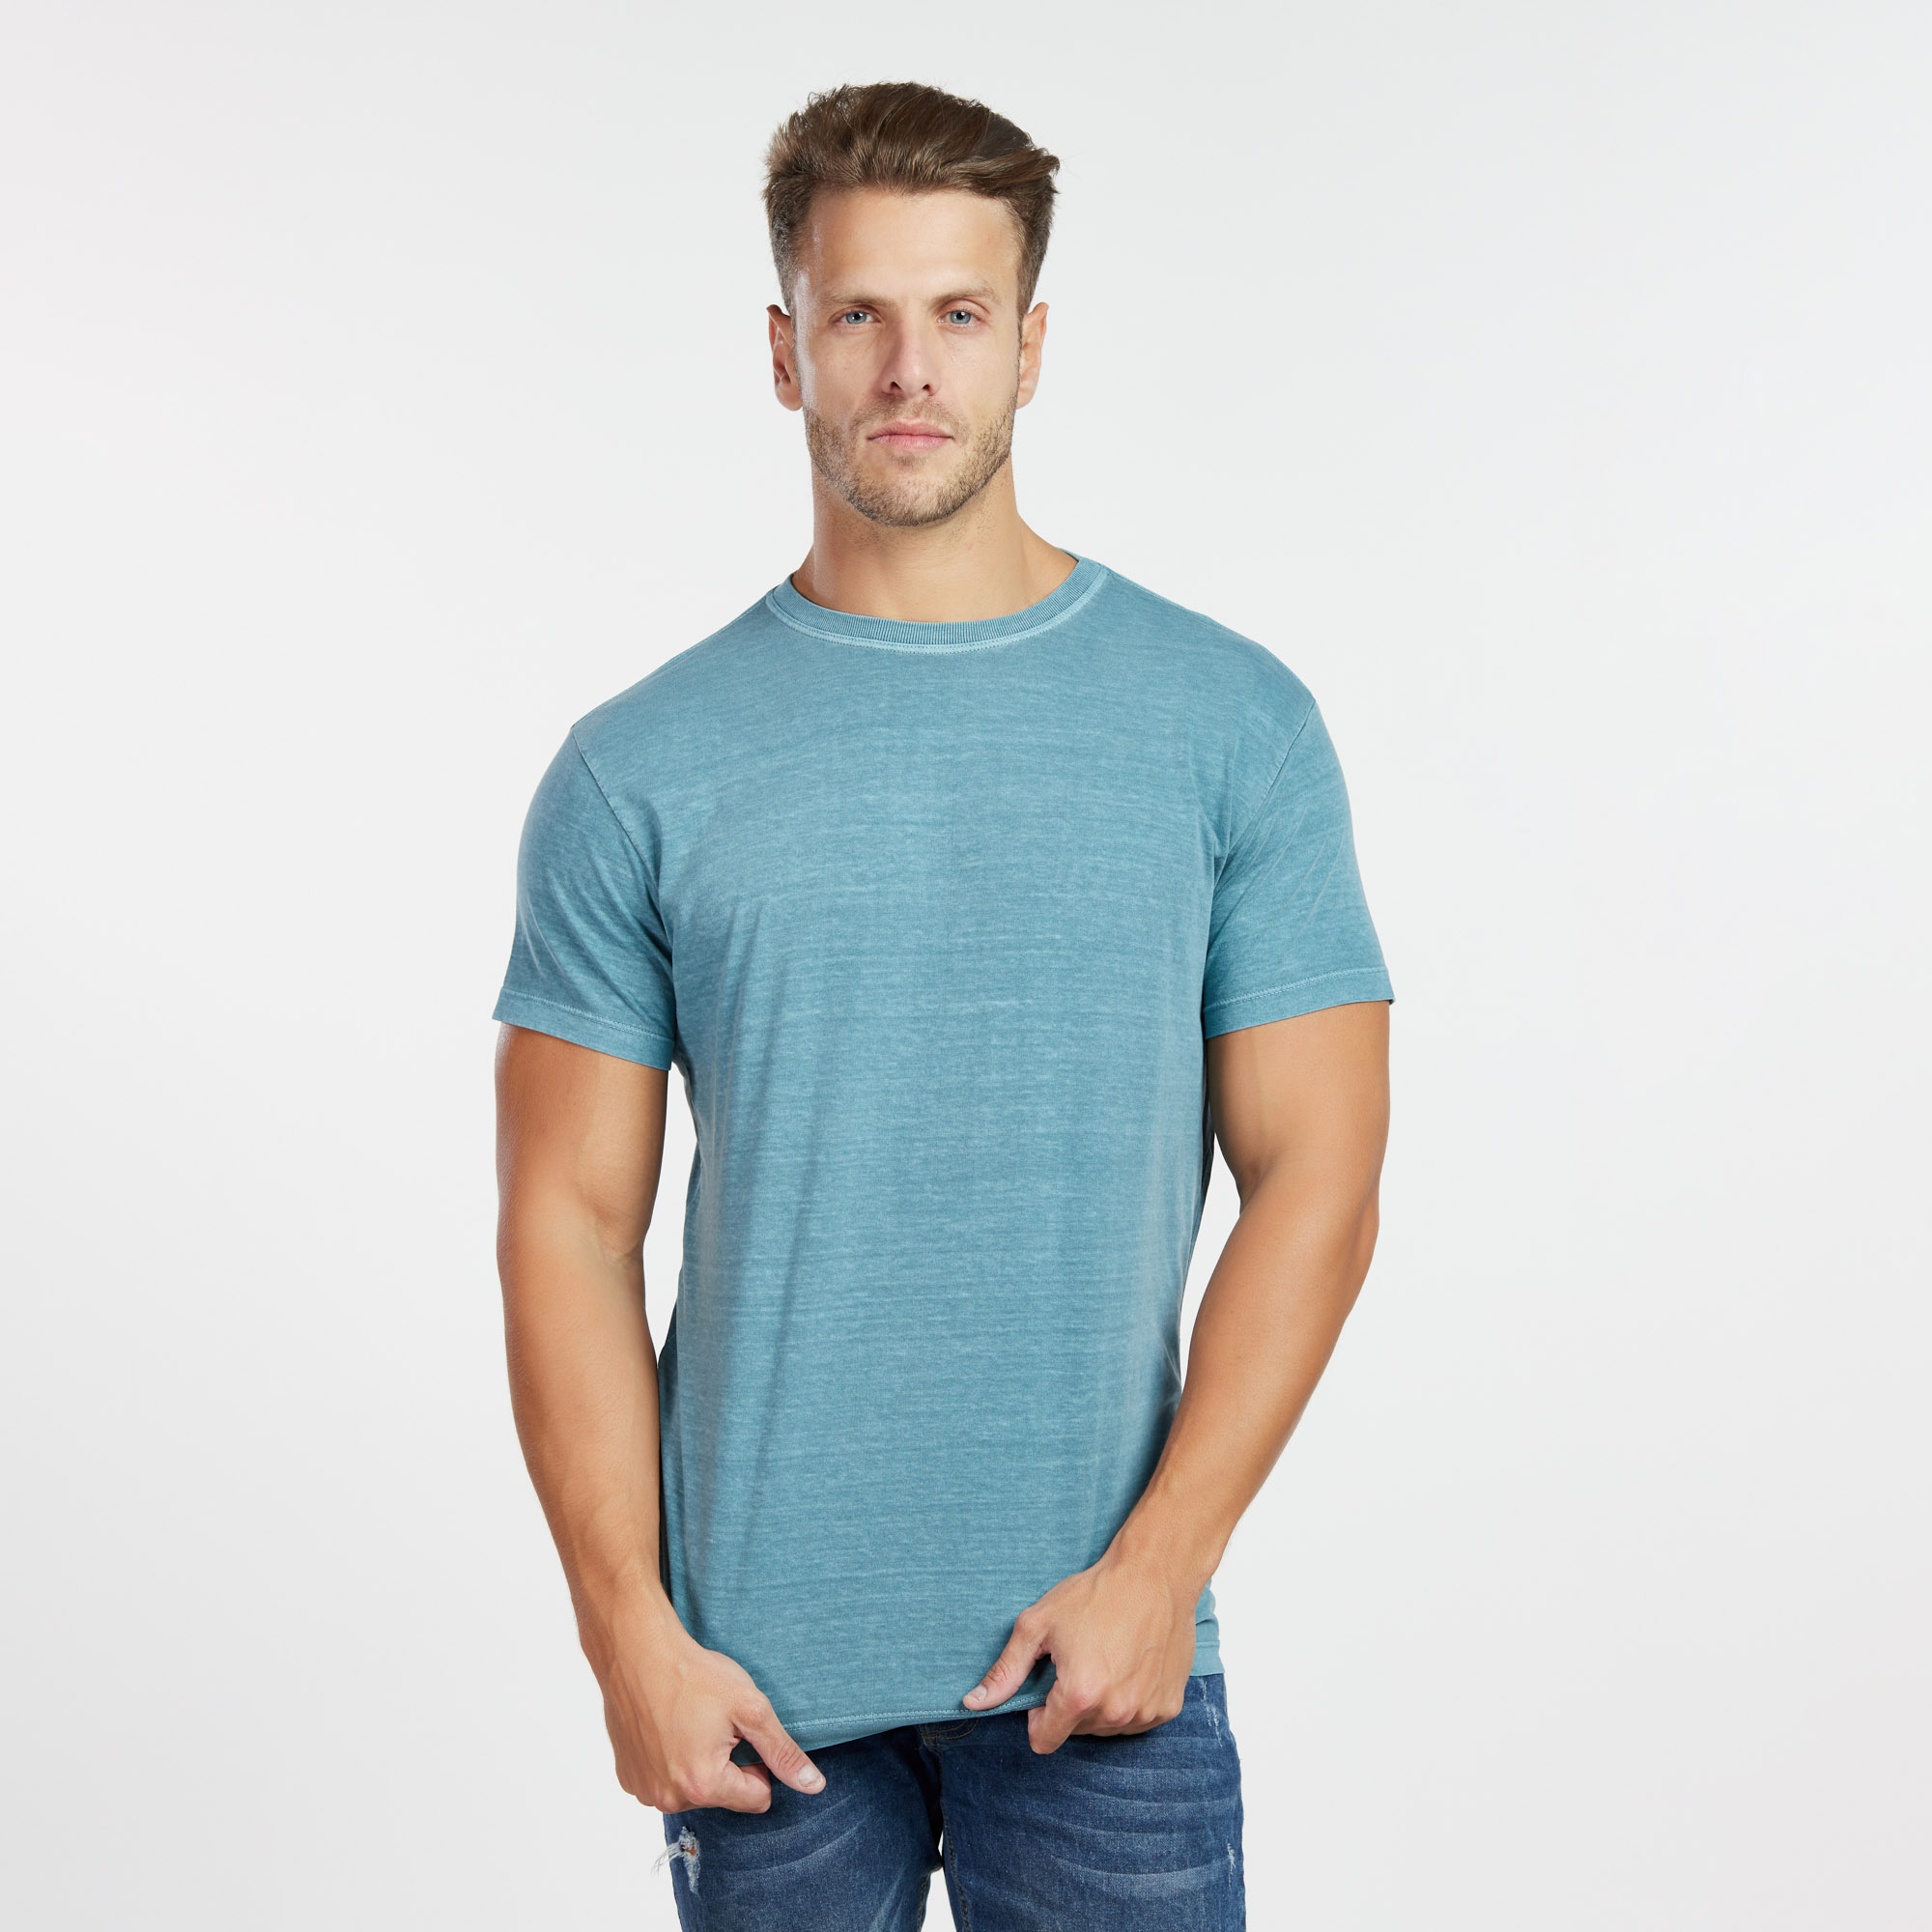 Camiseta Masculina Estonada Ciano Escuro